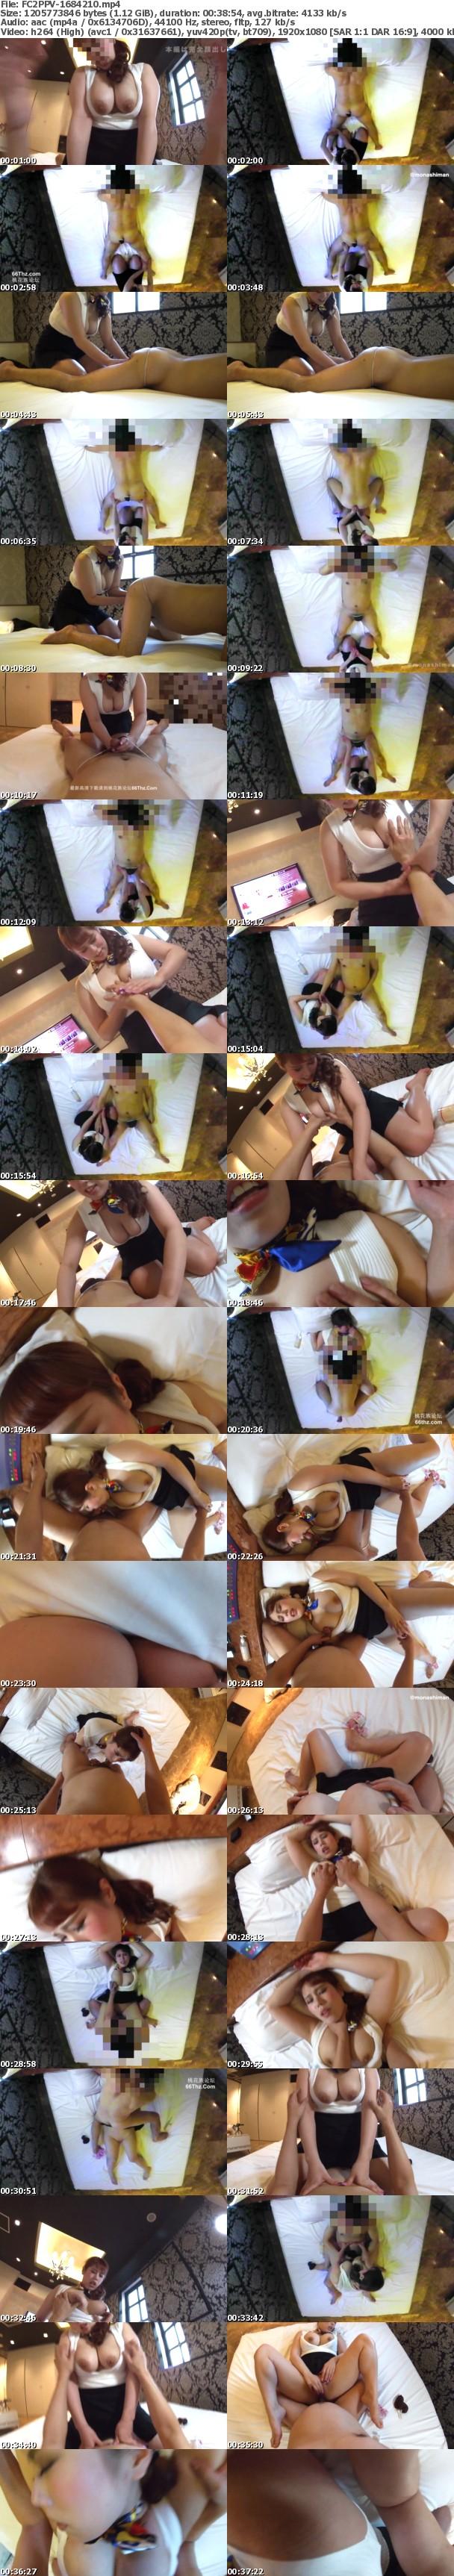 FC2-PPV 1684210 爆乳メンエス嬢をメガネ型カメラでハメ倒す